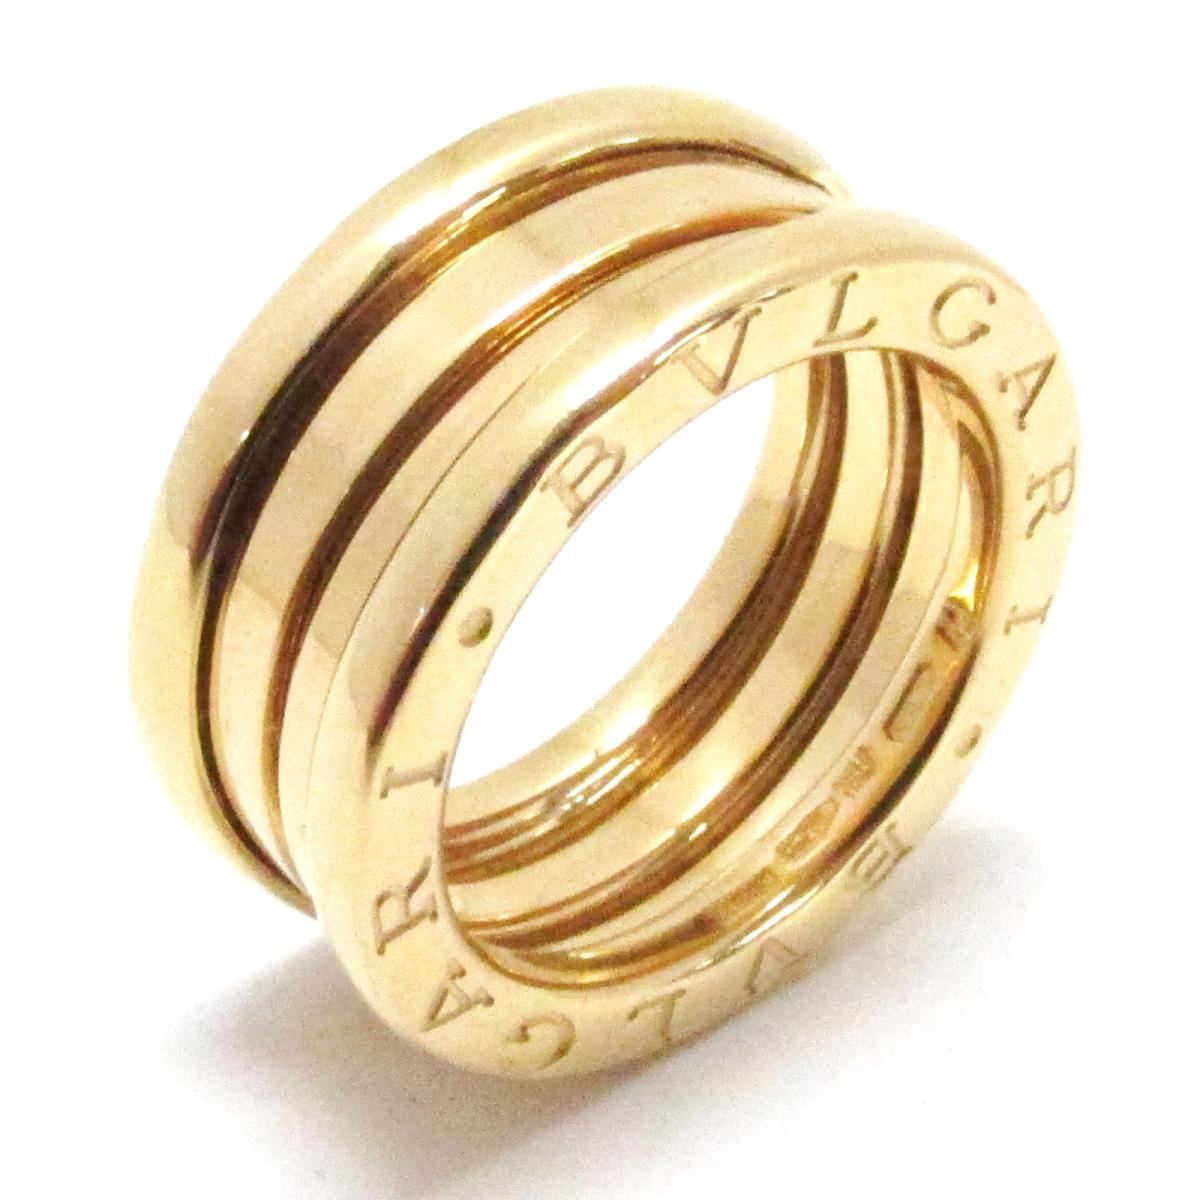 【中古】 ブルガリ B-zero1 リング Sサイズ ビーゼロワン 指輪 メンズ レディース K18YG (750) イエローゴールド | BVLGARI BRANDOFF ブランドオフ ブランド ジュエリー アクセサリー